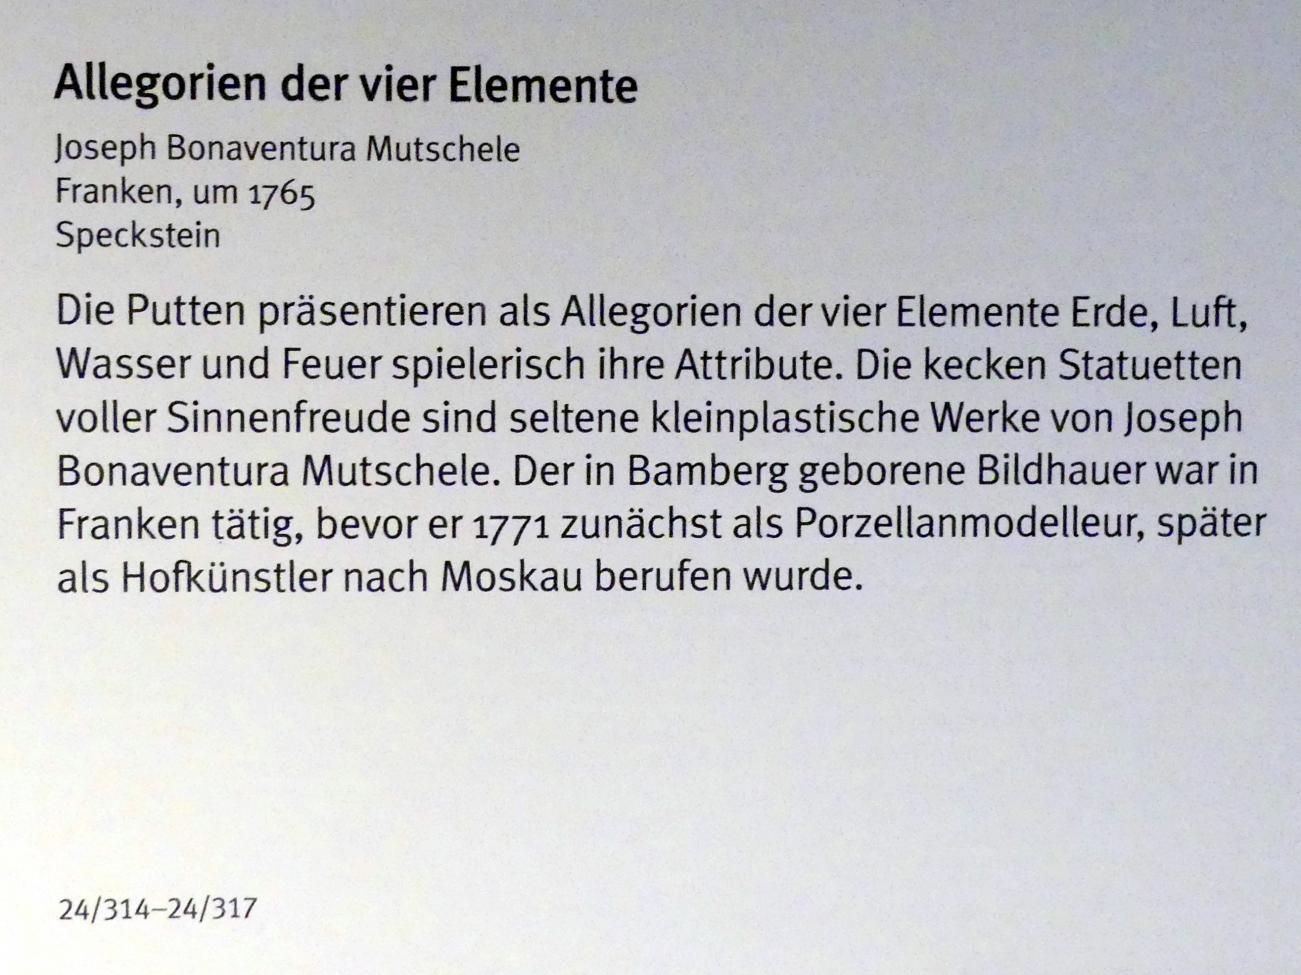 Joseph Bonaventura Mutschele: Allegorien der vier Elemente: Feuer, um 1765, Bild 2/3